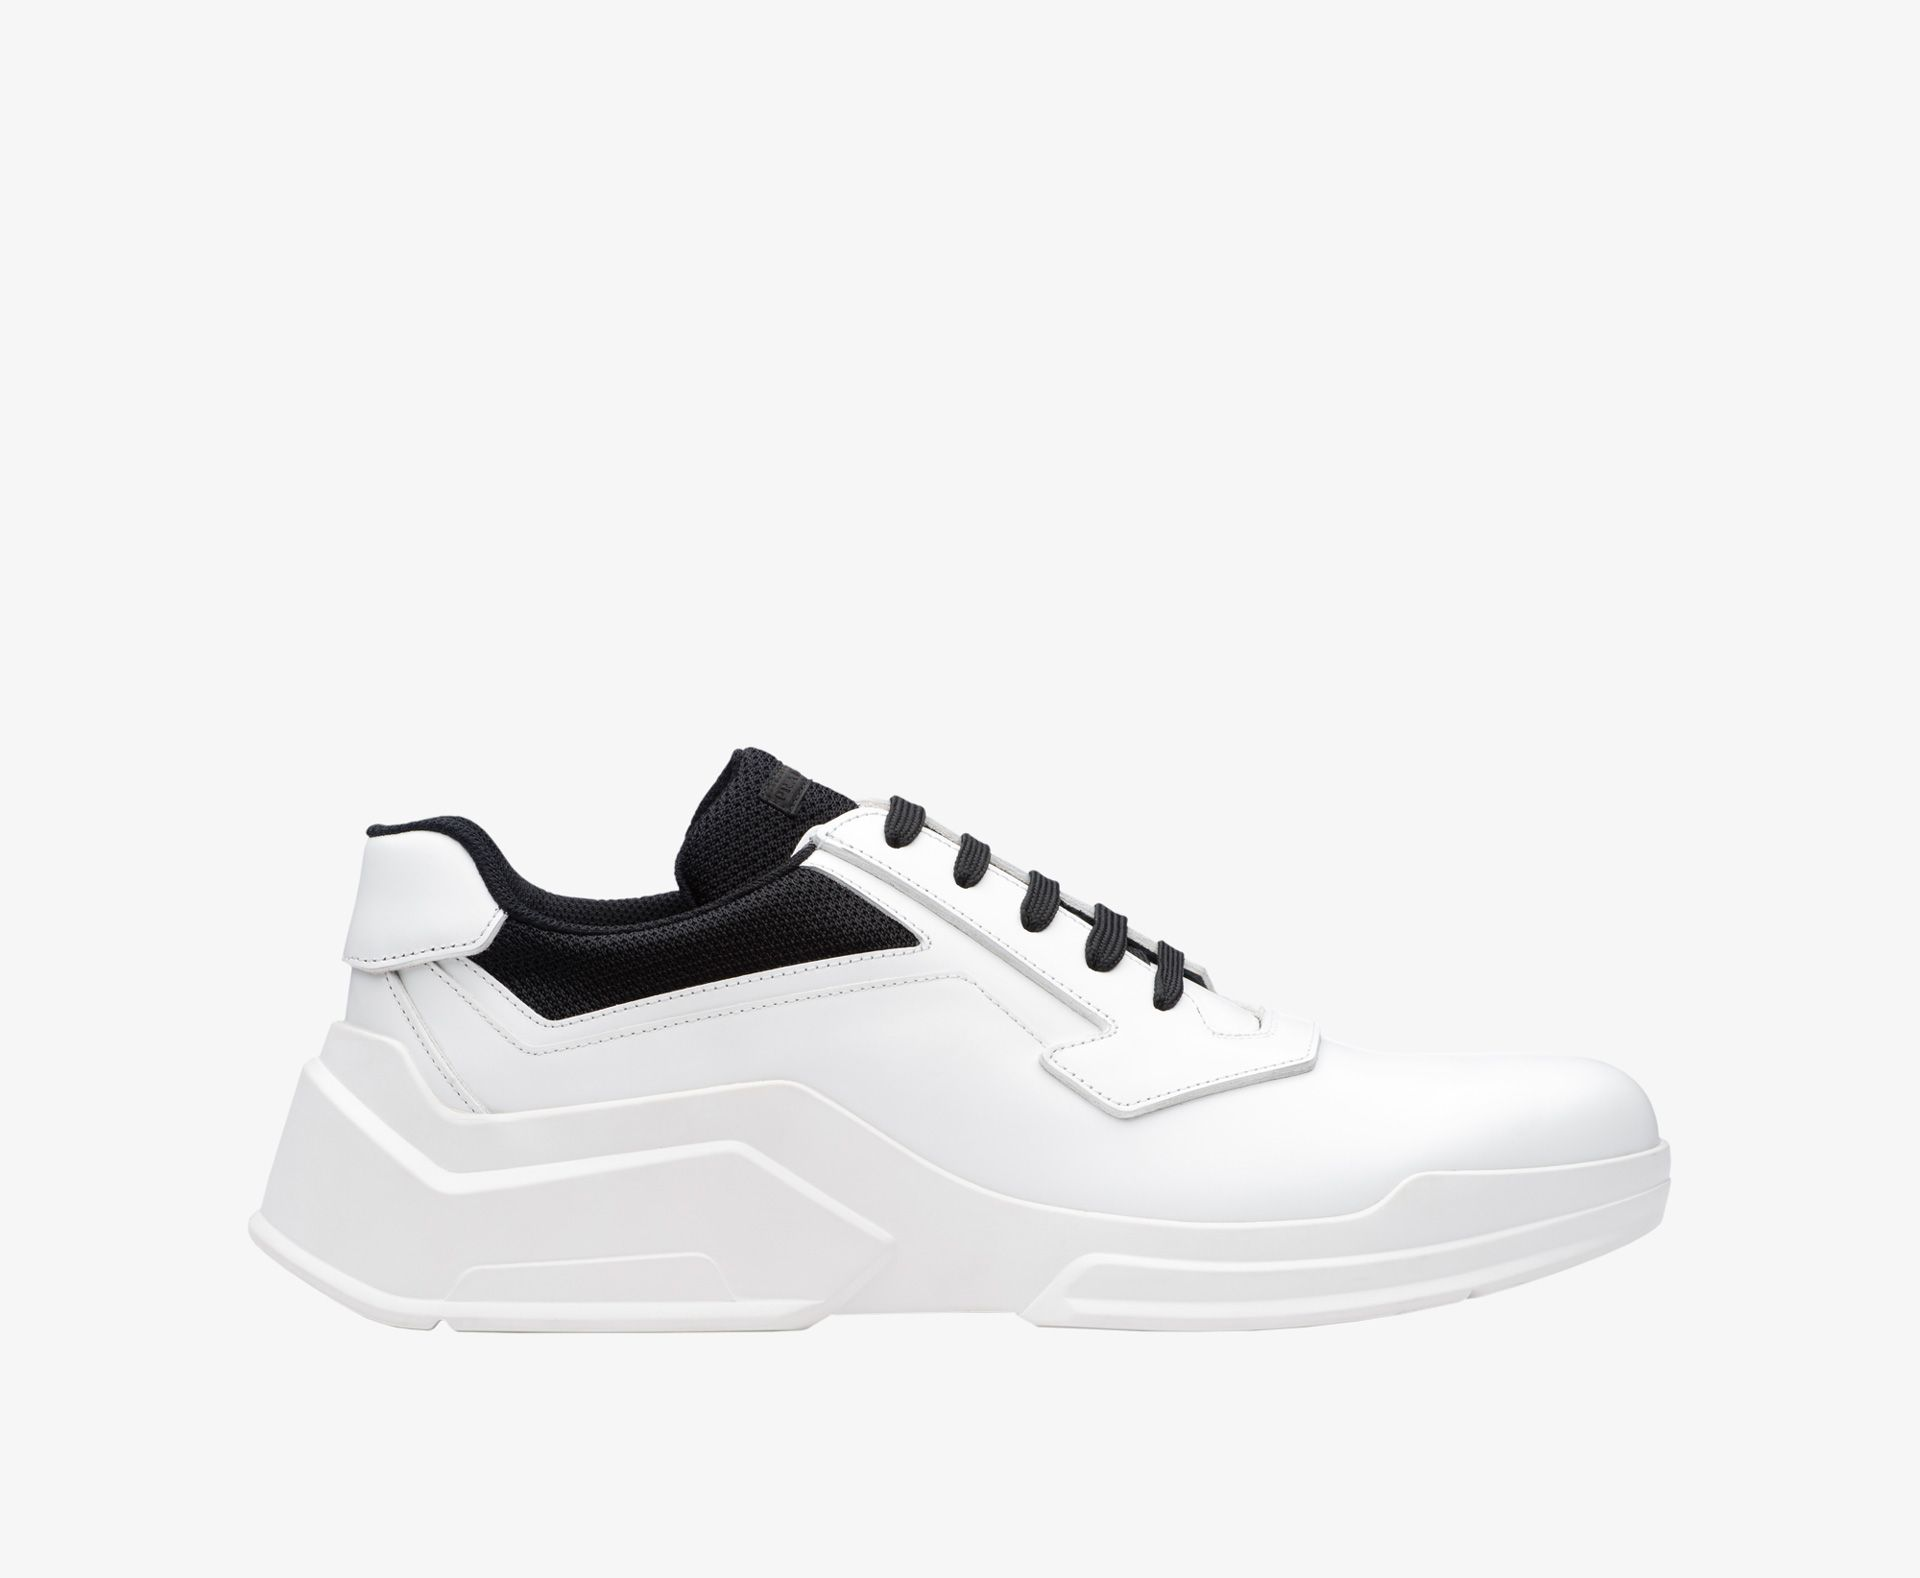 Baskets Coureur Prada - Blanc Ii8rYHM7